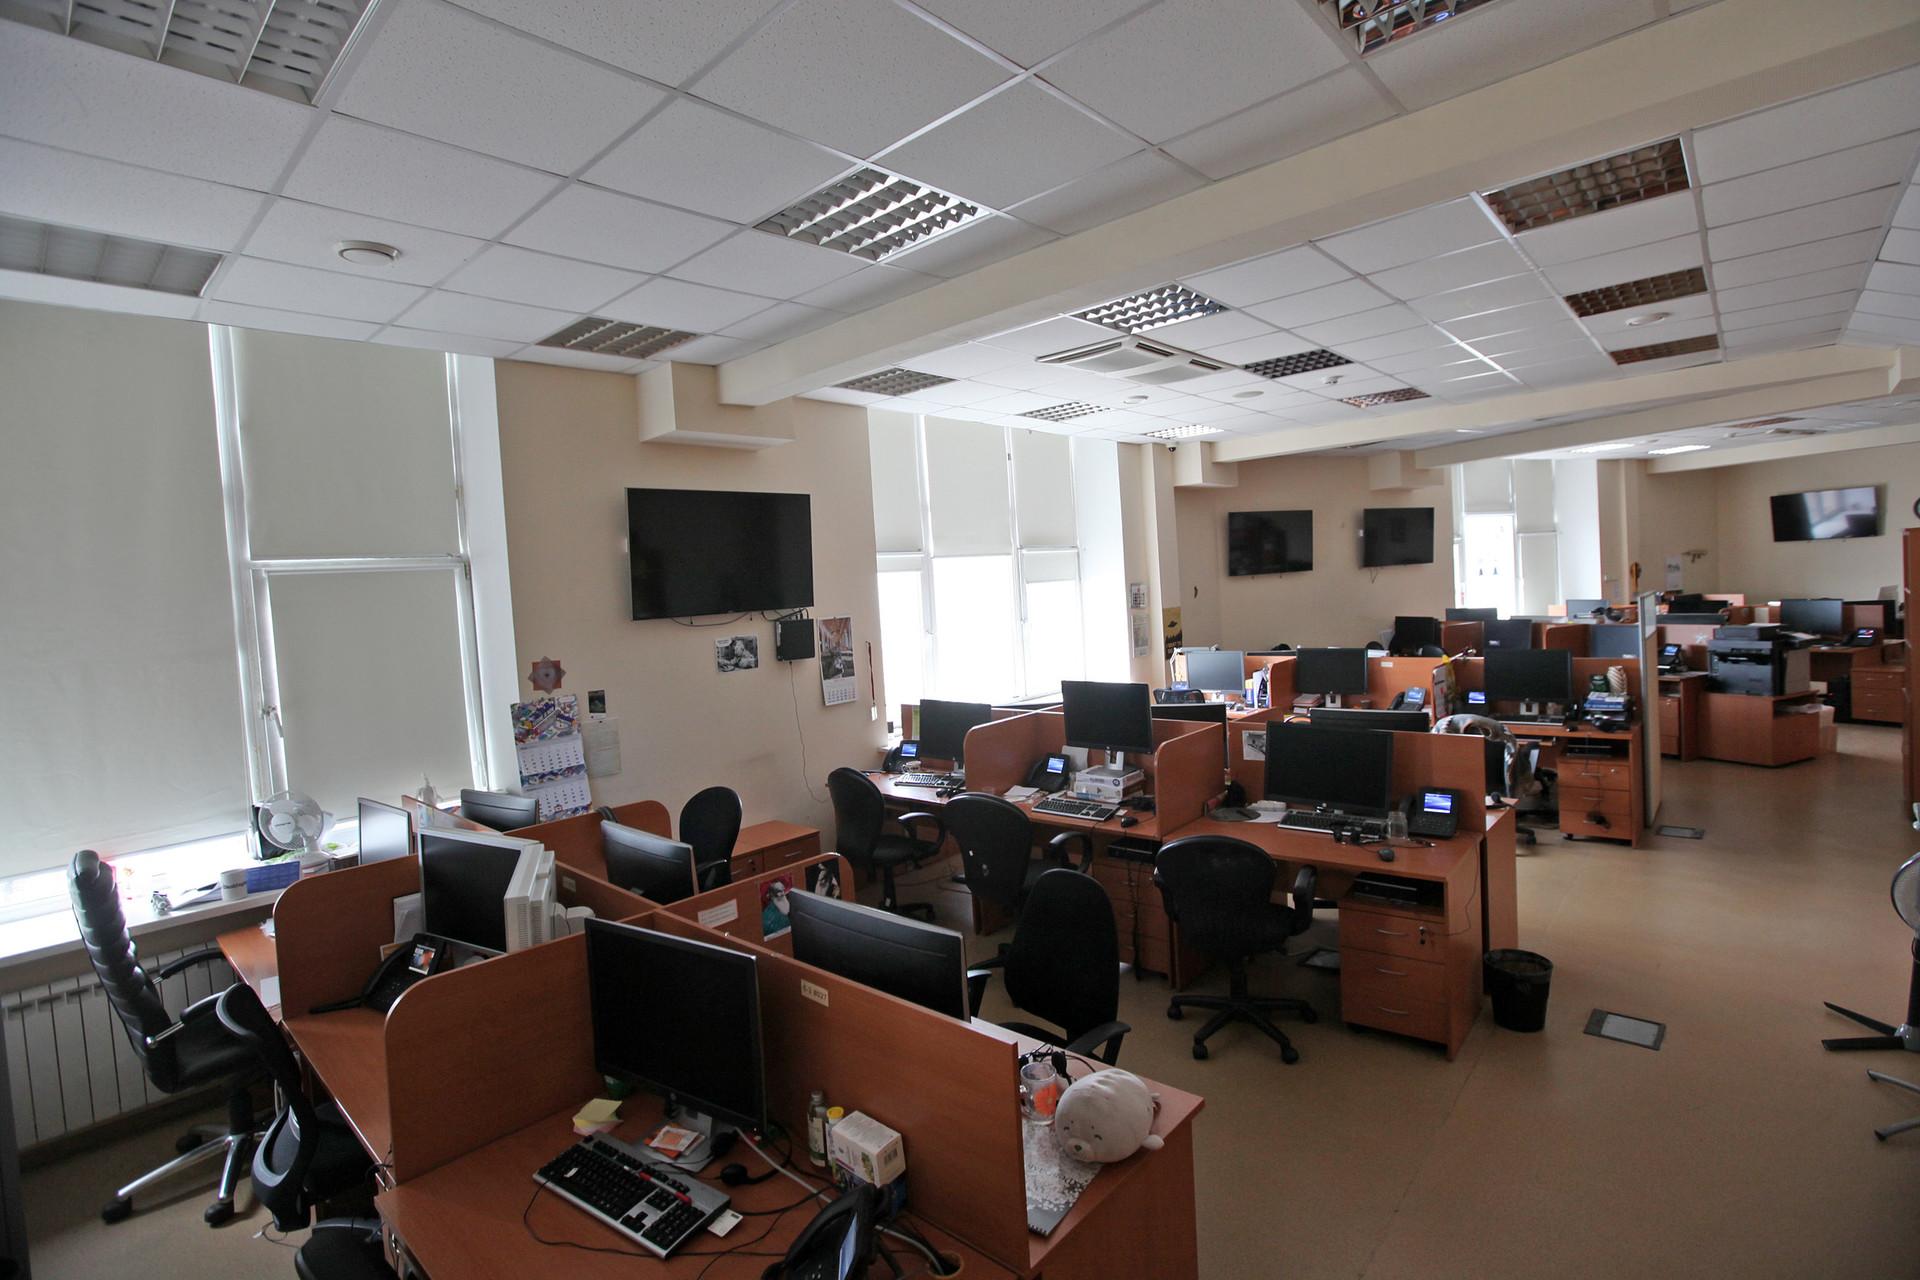 Suasana salah satu ruangan di kantor redaksi Russia Beyond yang kosong karena memberlakukan kebijakan kerja dari rumah.